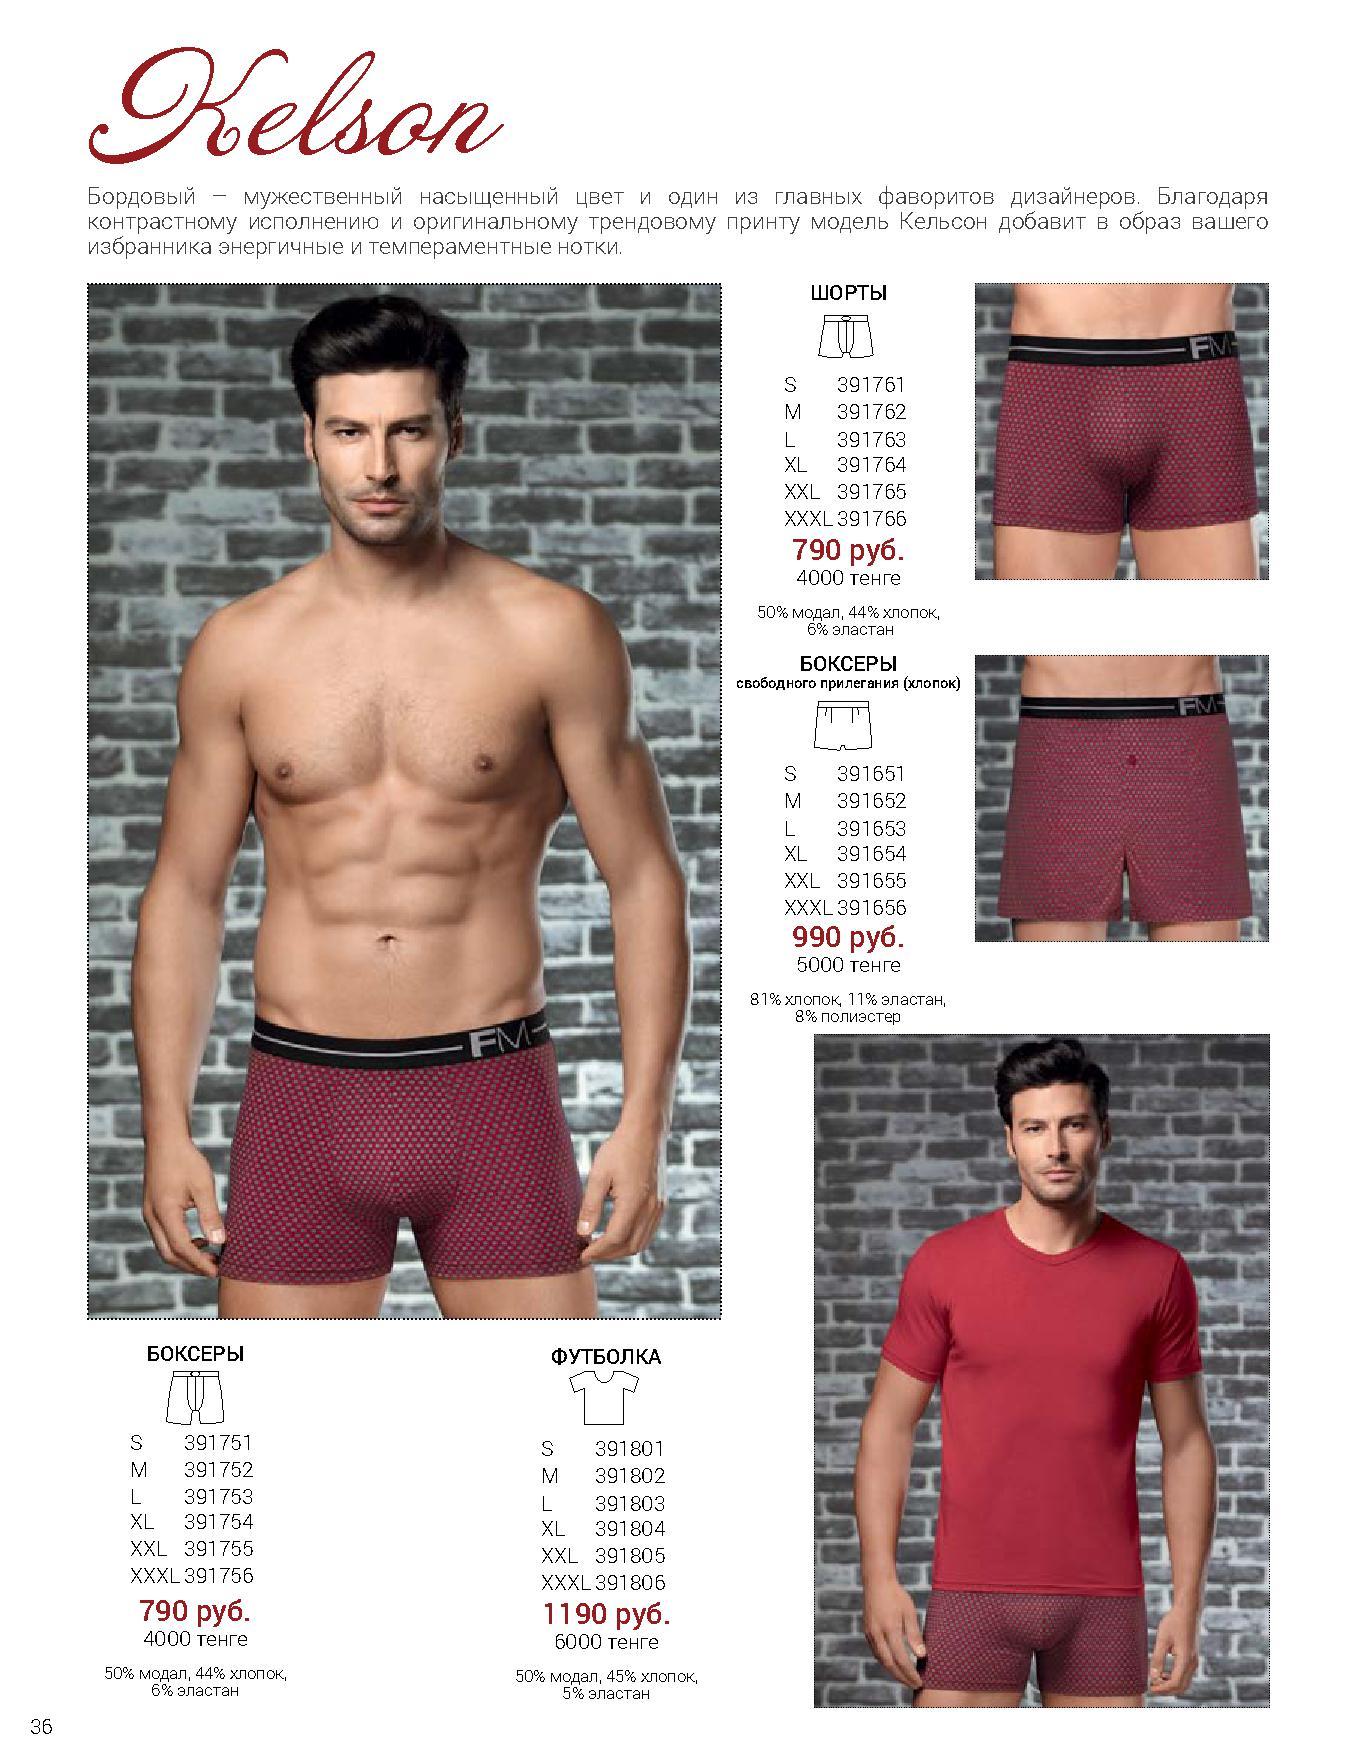 Флоранж - мужской комплект Кельсон: - шорты, боксеры и футболка